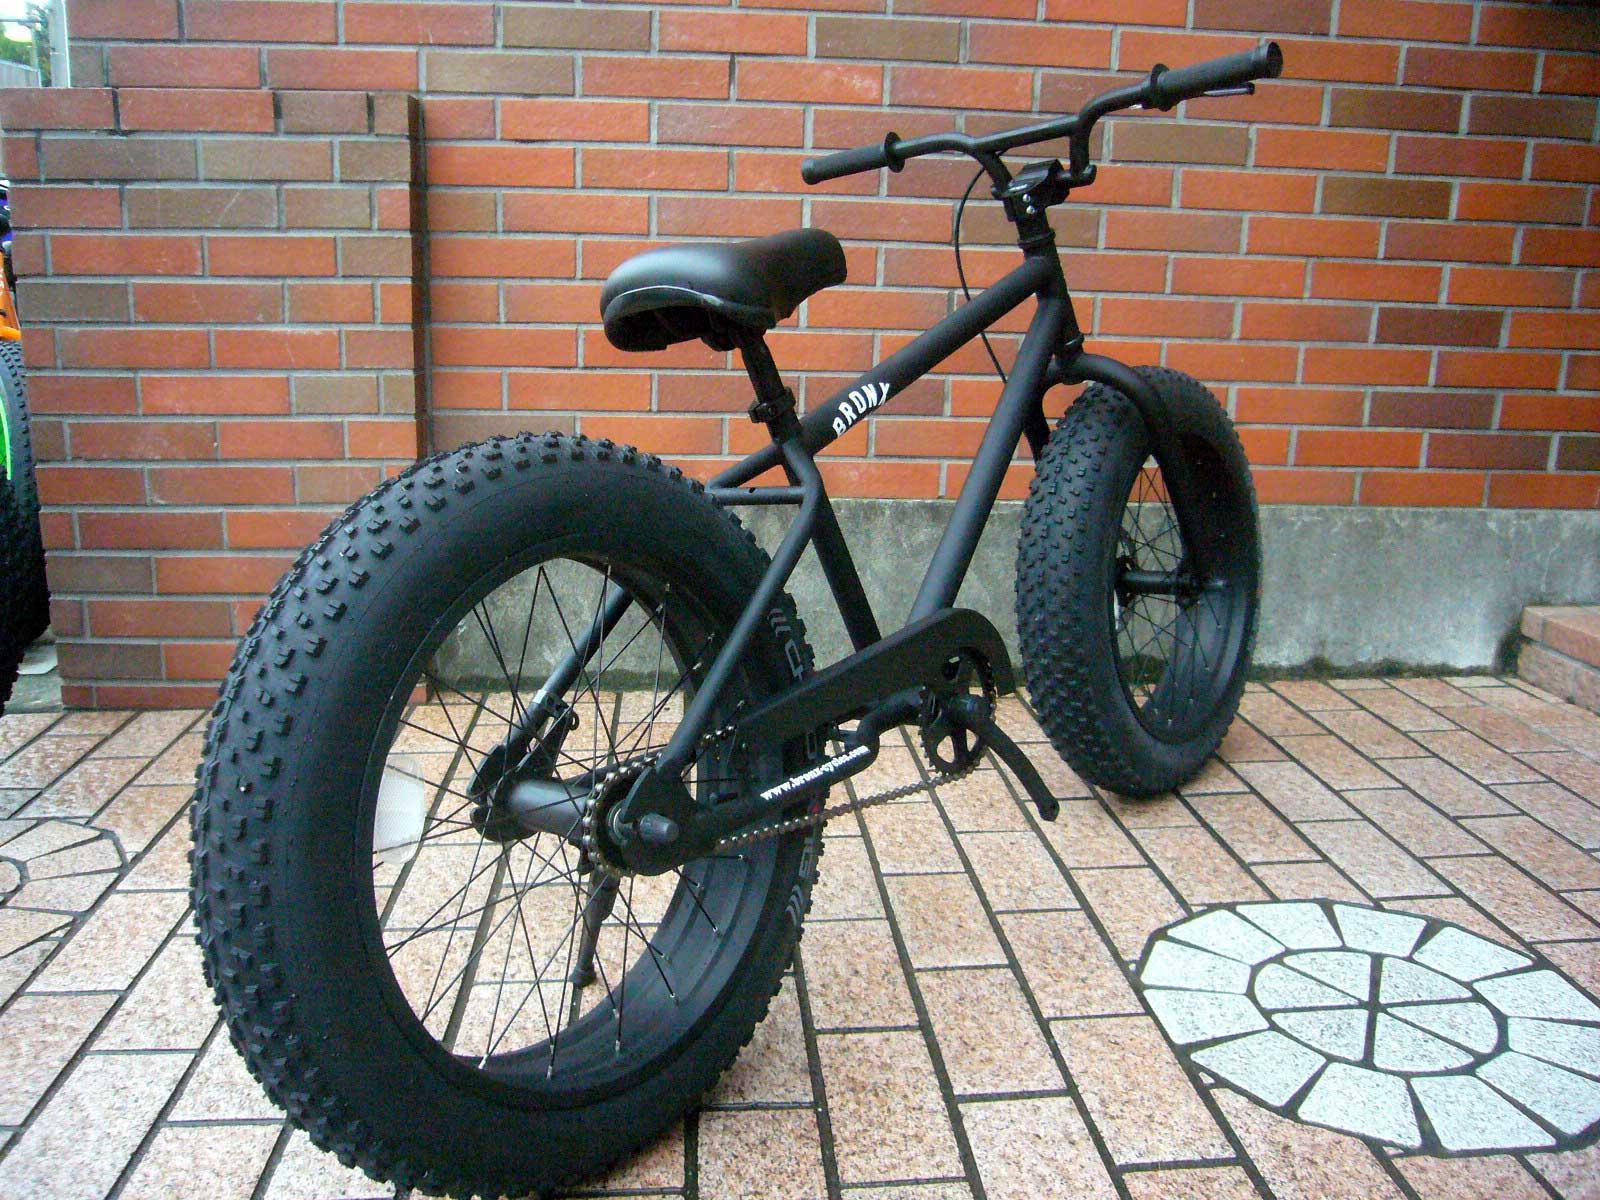 商品番号 BRONX 20inch-Fatbike-black-bk